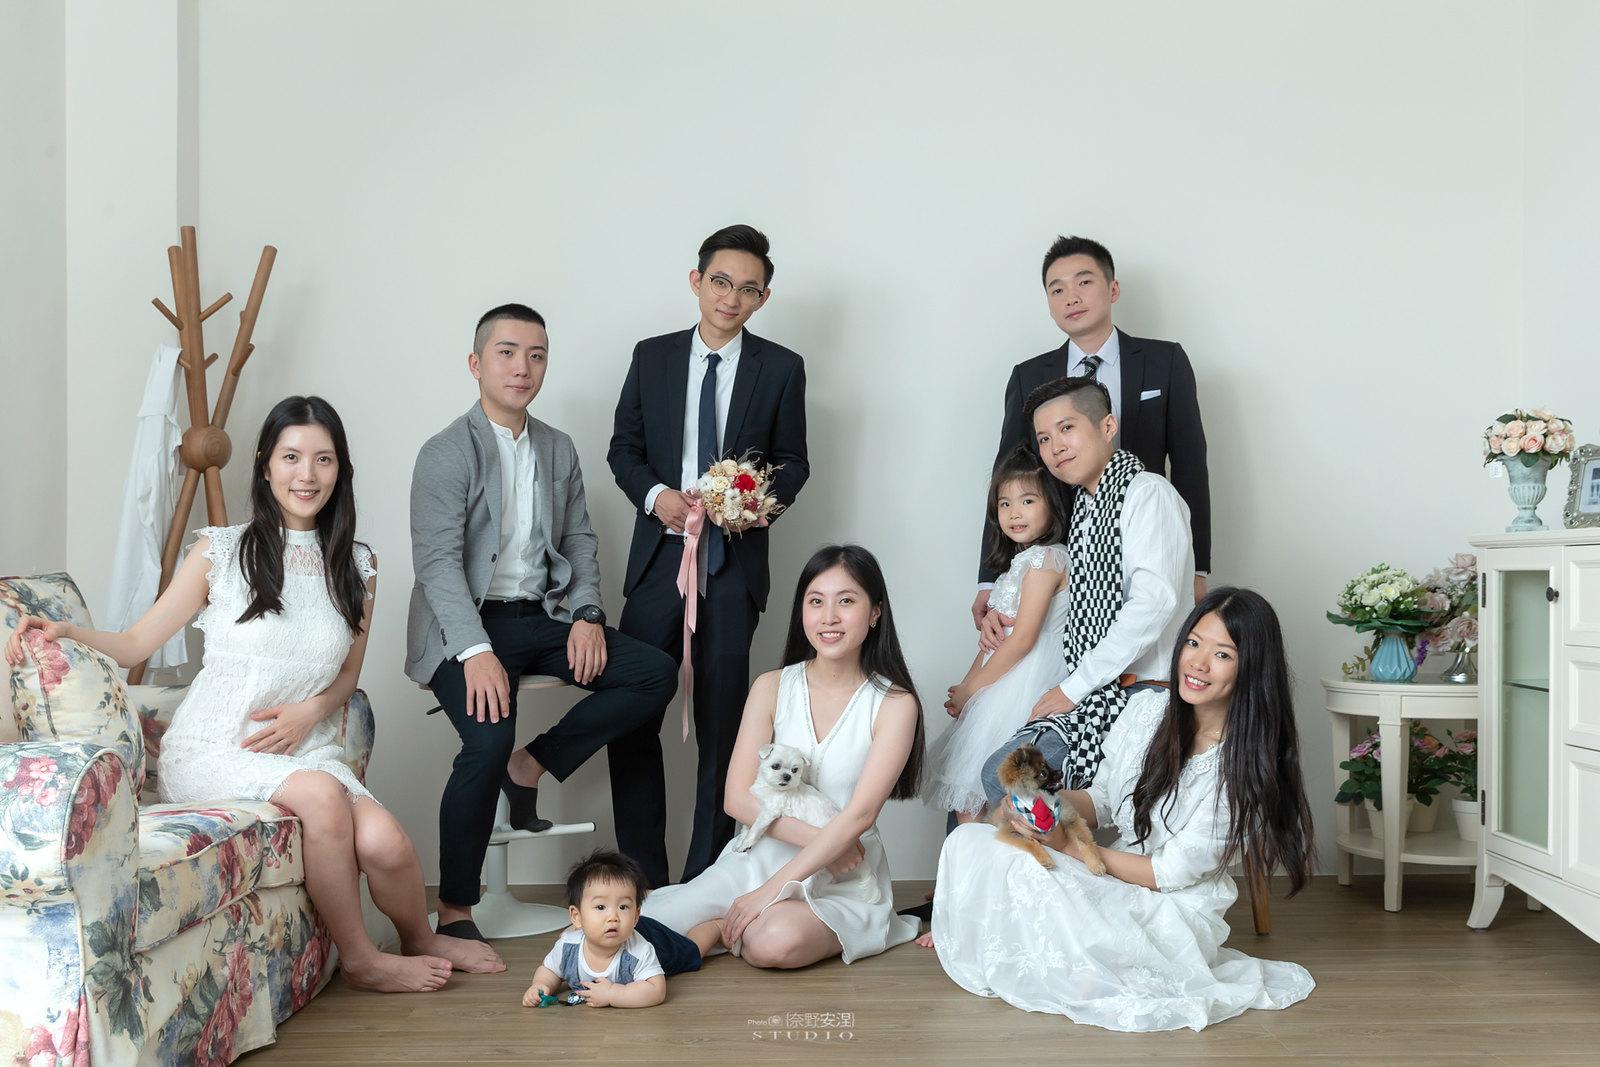 台南全家福 | 拋棄傳統合照的彆扭,忠實呈現家人間最親密的情感27